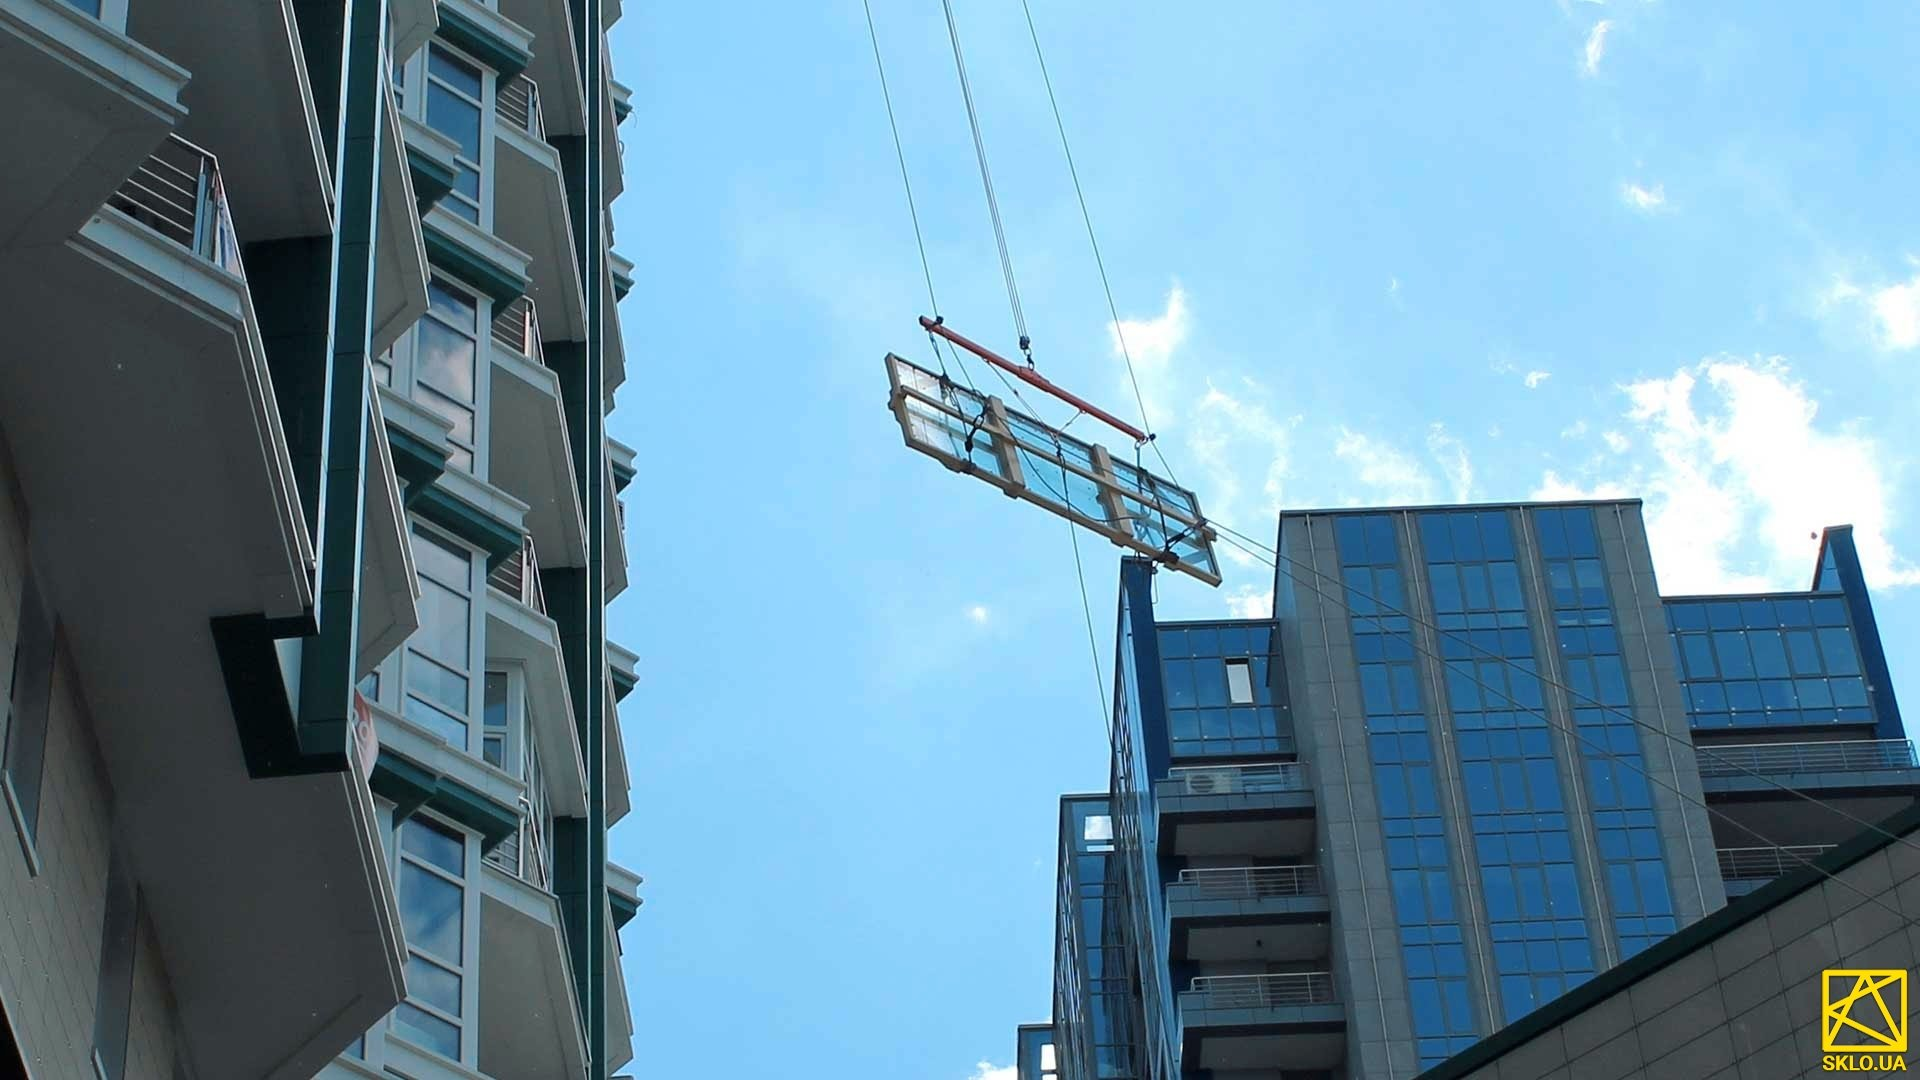 Панорамне скління. Підйом габаритних конструкцій на 26 поверх